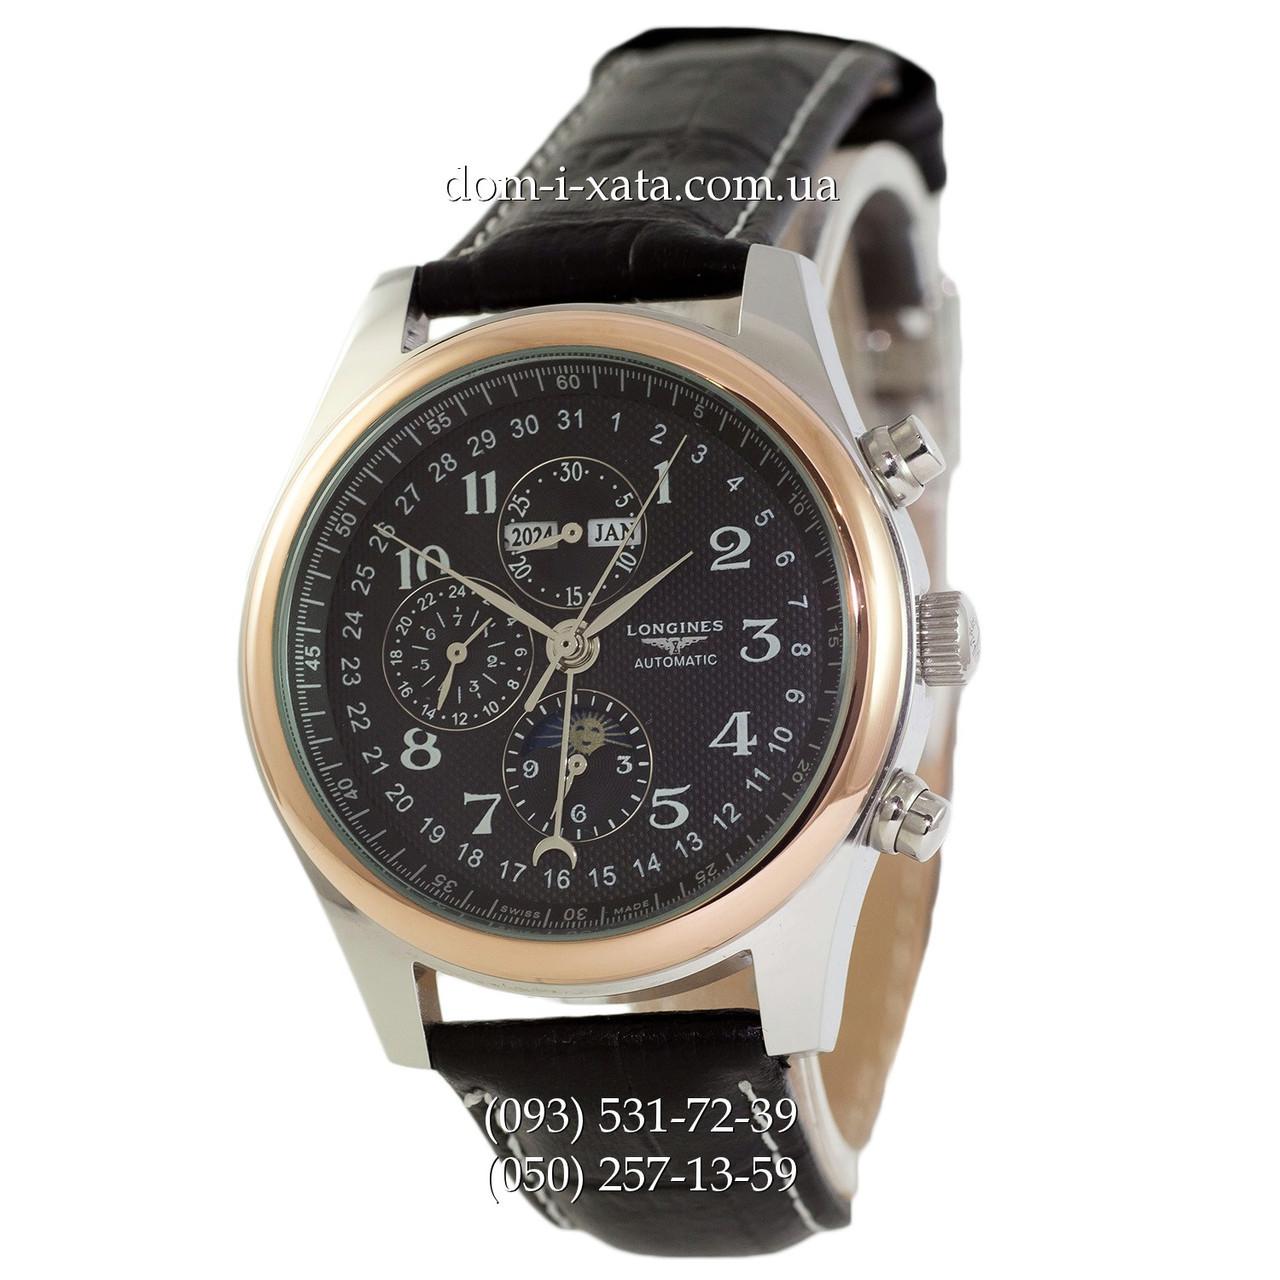 Мужские элитные часы Longines Master Collection Moonphases Black-Silver-Gold-Black, механические, Лонгинес, реплика отличное качество!